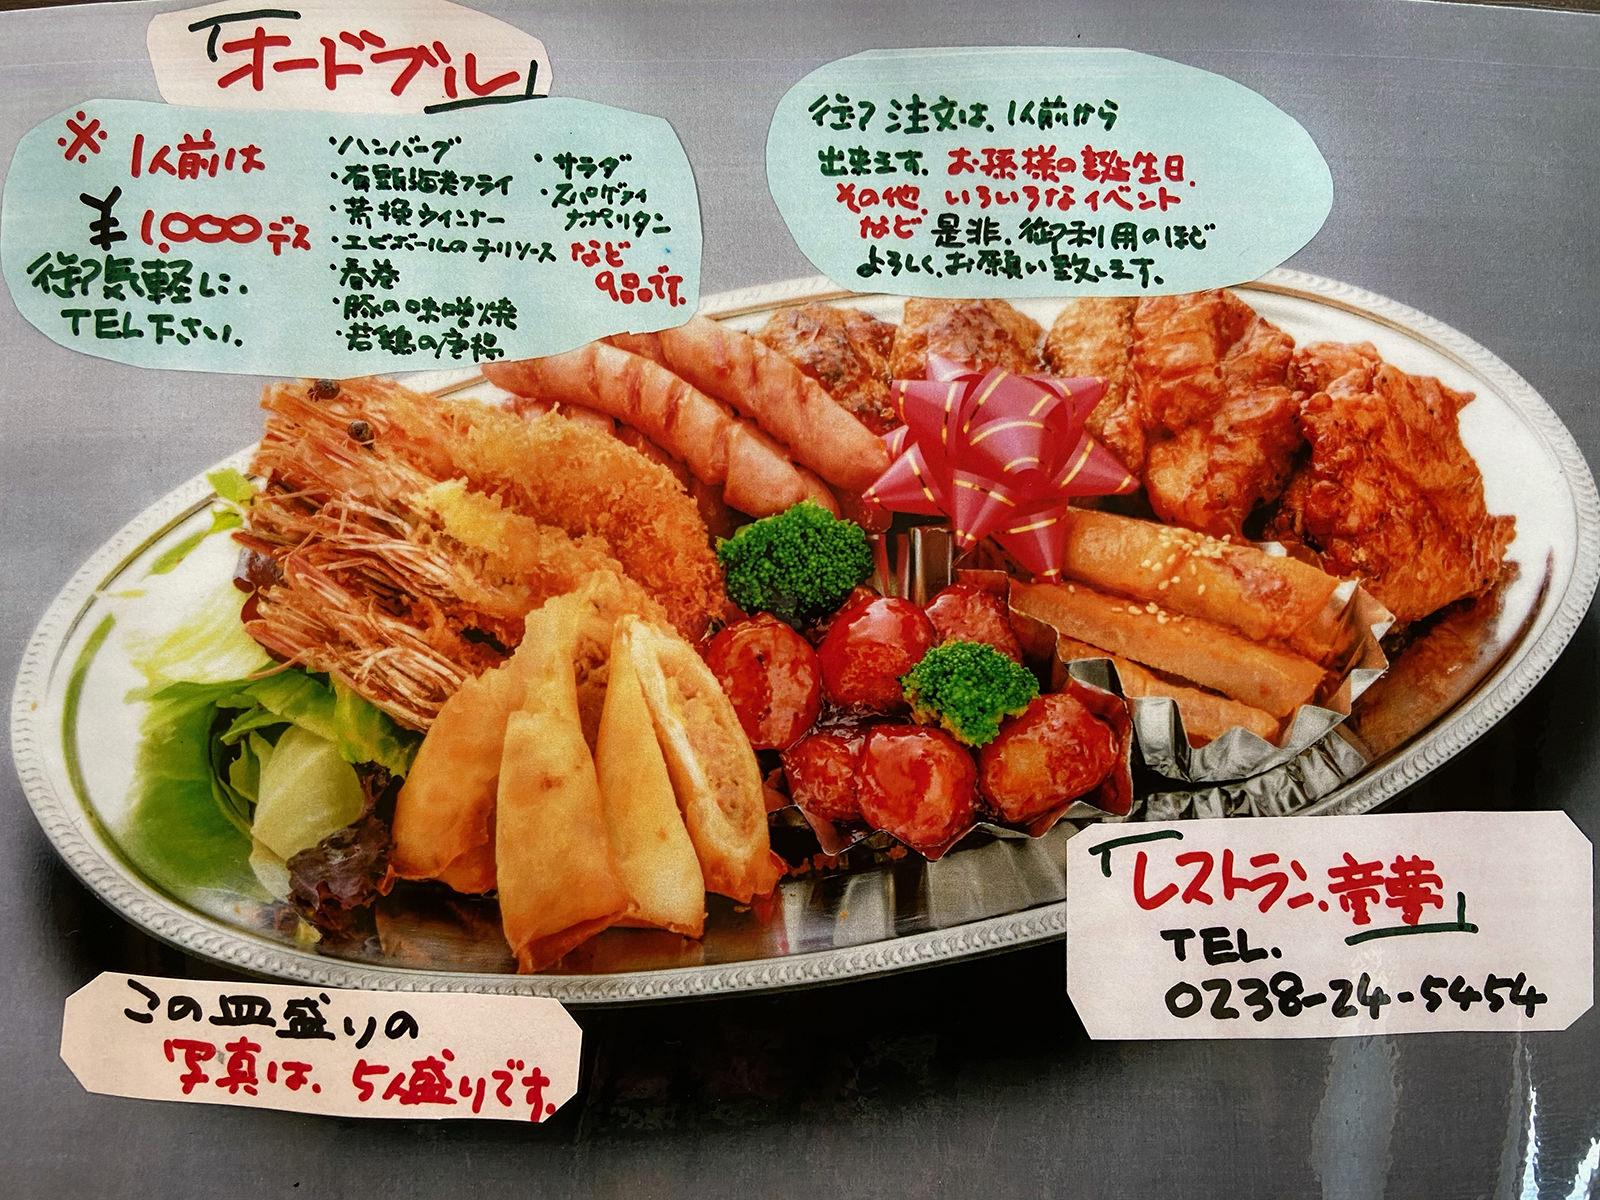 ログレストラン童夢_オードボブル